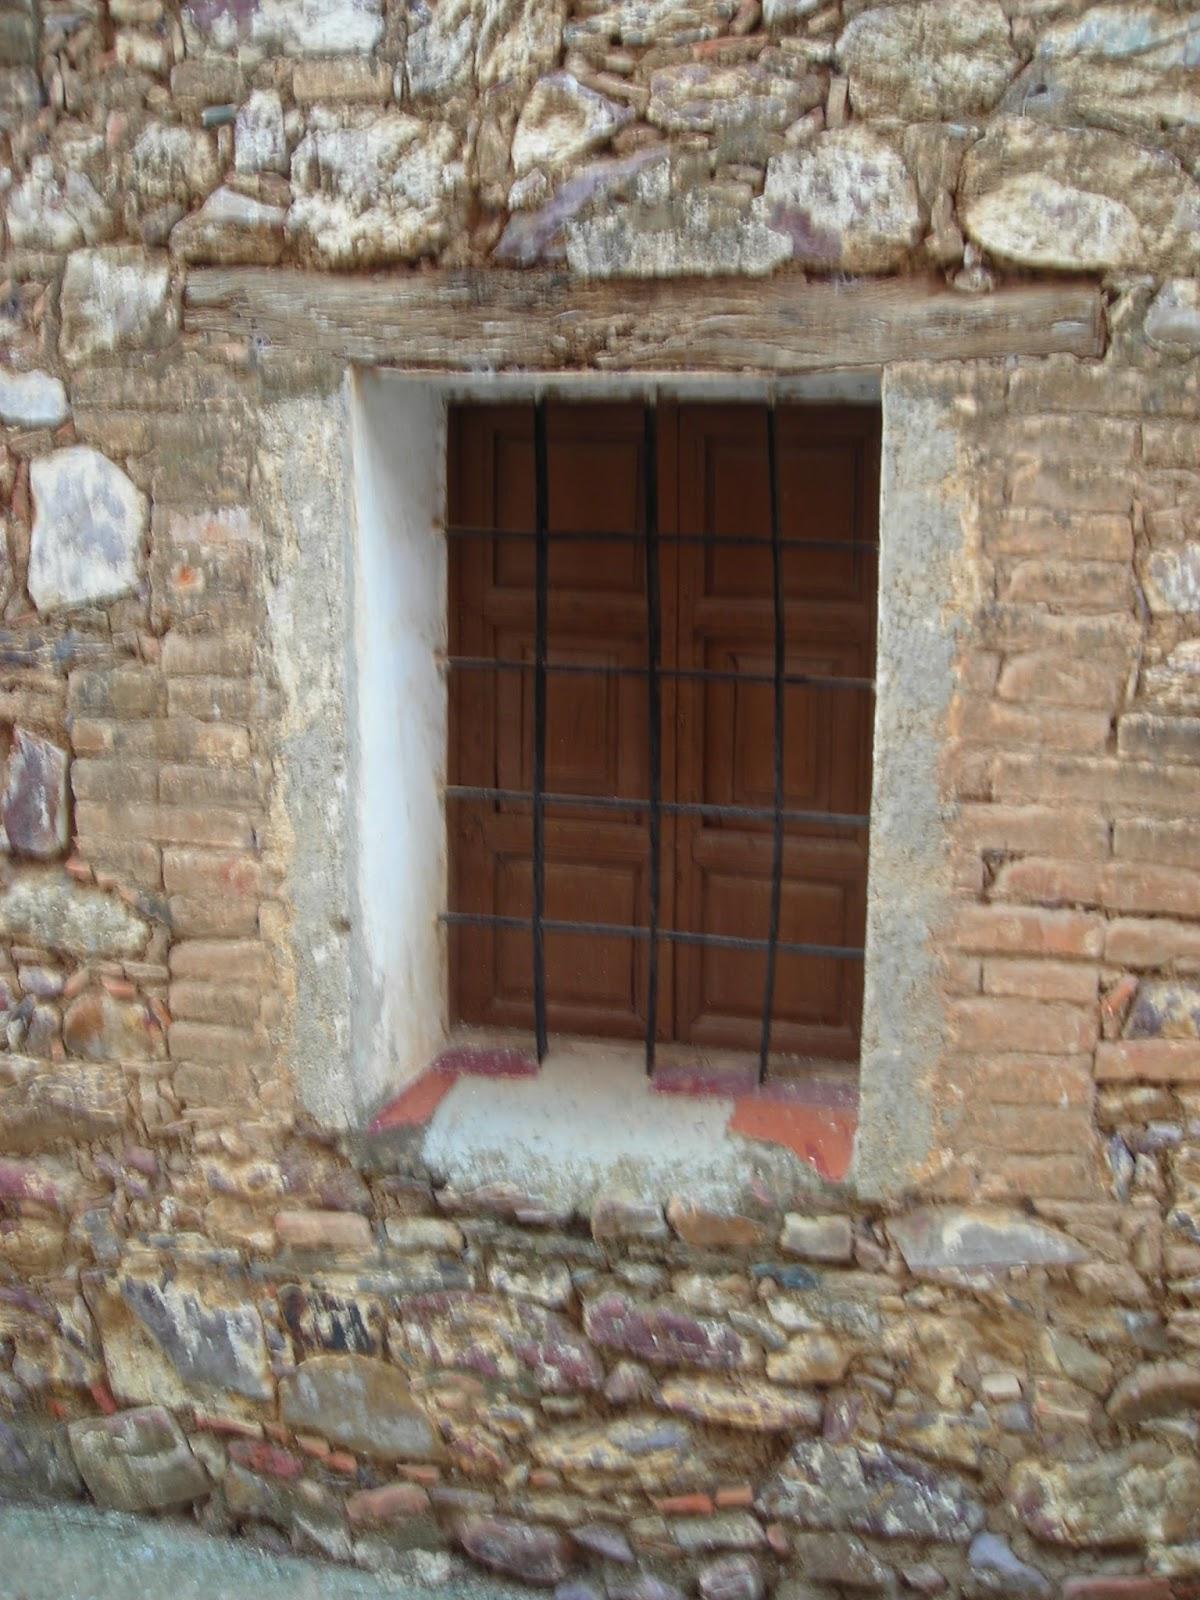 Arroba de los montes ventanas en arroba de los montes for Dintel de madera